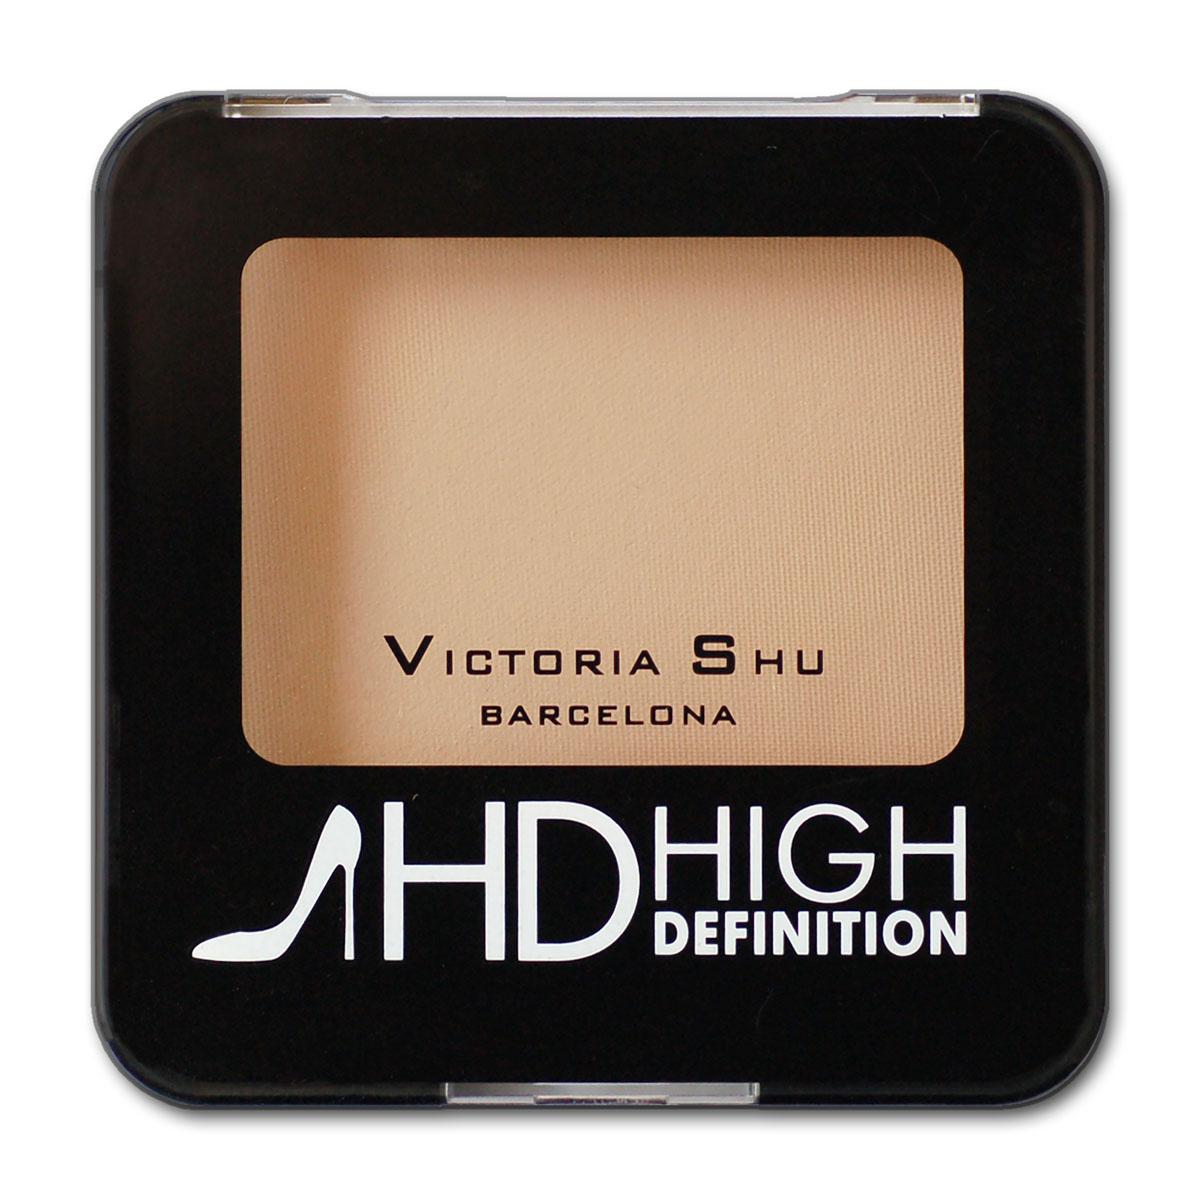 Victoria Shu Пудра компактная High Definition №311979V15569Минеральная формула в составе пудры равномерно распределяется на коже и создает мягкий soft-focus effect, скрывая мелкие морщинки и неровности. Дополнительные компоненты: витамин Е и масло ростков пшеницы обеспечивают коже эффект изнутри: Витамин Е – антиоксидант, препятствует преждевременному старению кожи, улучшая регенерацию клеток кожи. Масло ростков пшеницы - способствуют улучшению клеточного дыхания, восстановлению и питанию кожи. После нанесения пудра сливается с естественным тоном кожи и сохраняет свою мягкость, делает морщинки и недостатки на лице менее заметными.